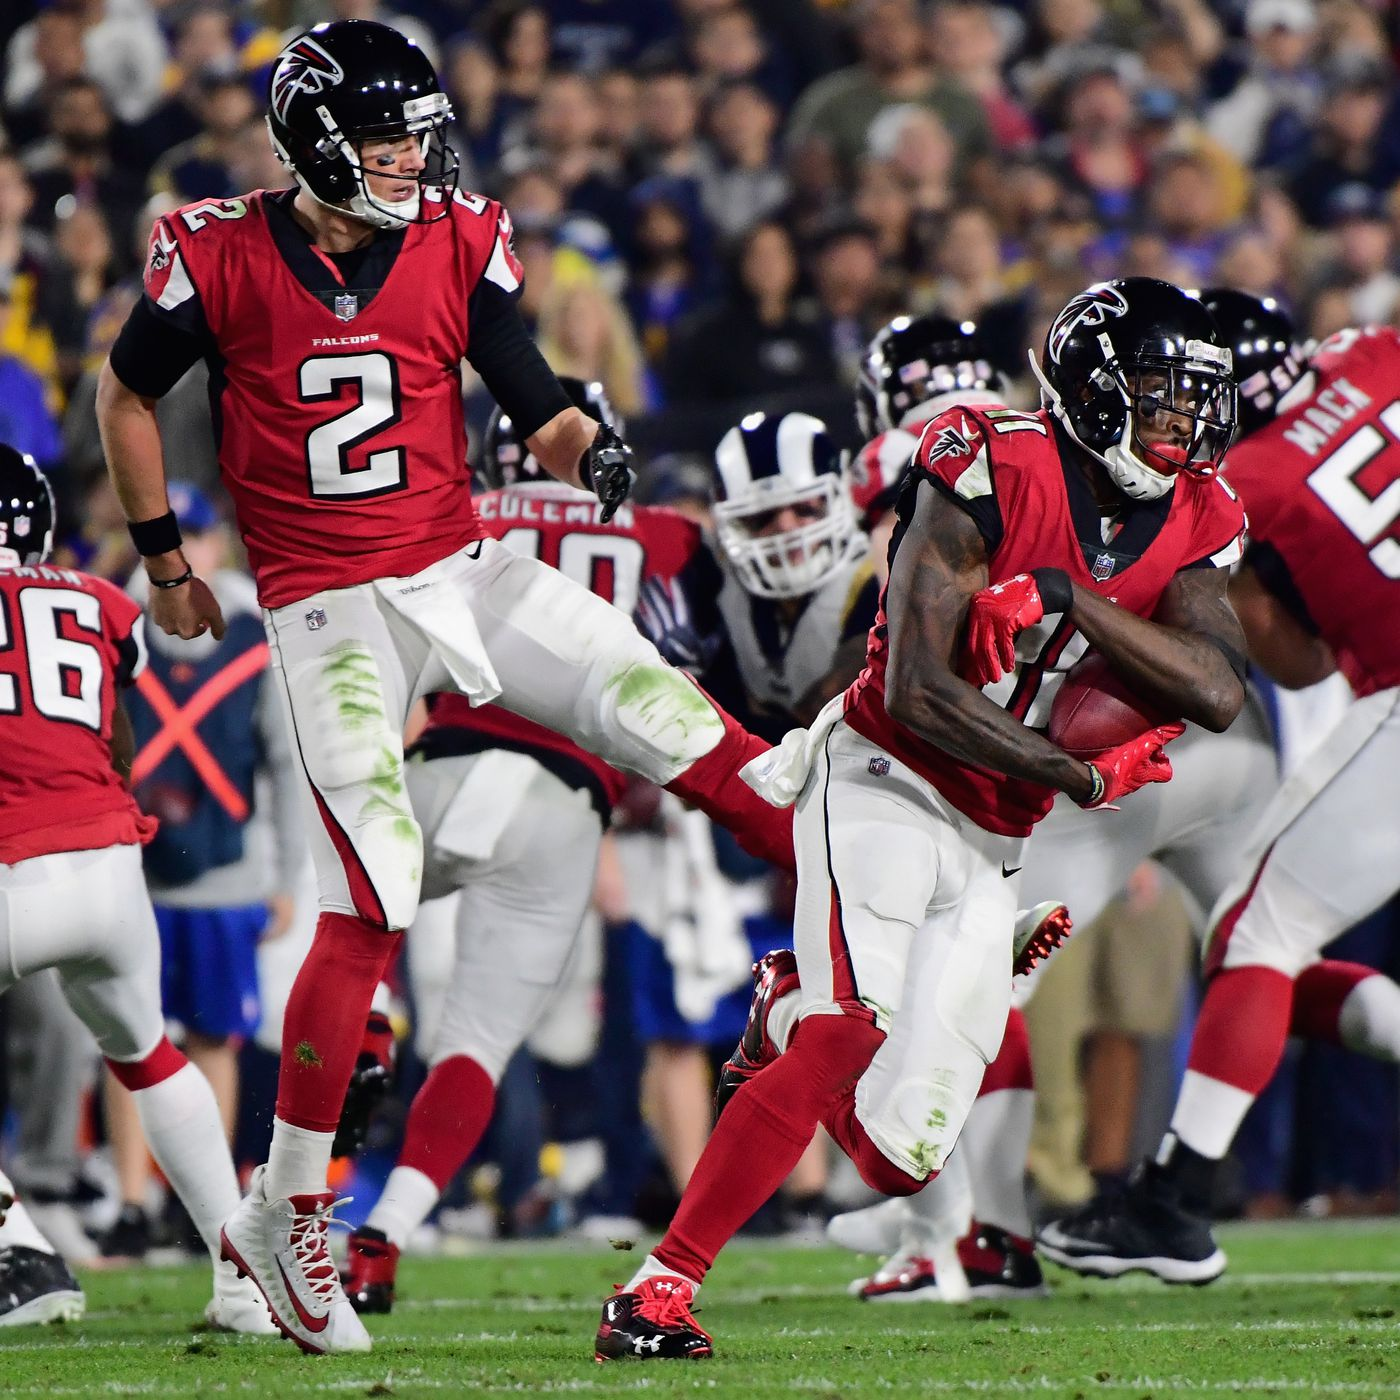 596a9e36 Falcons vs. Eagles live stream: How to watch 2018 NFL playoffs ...